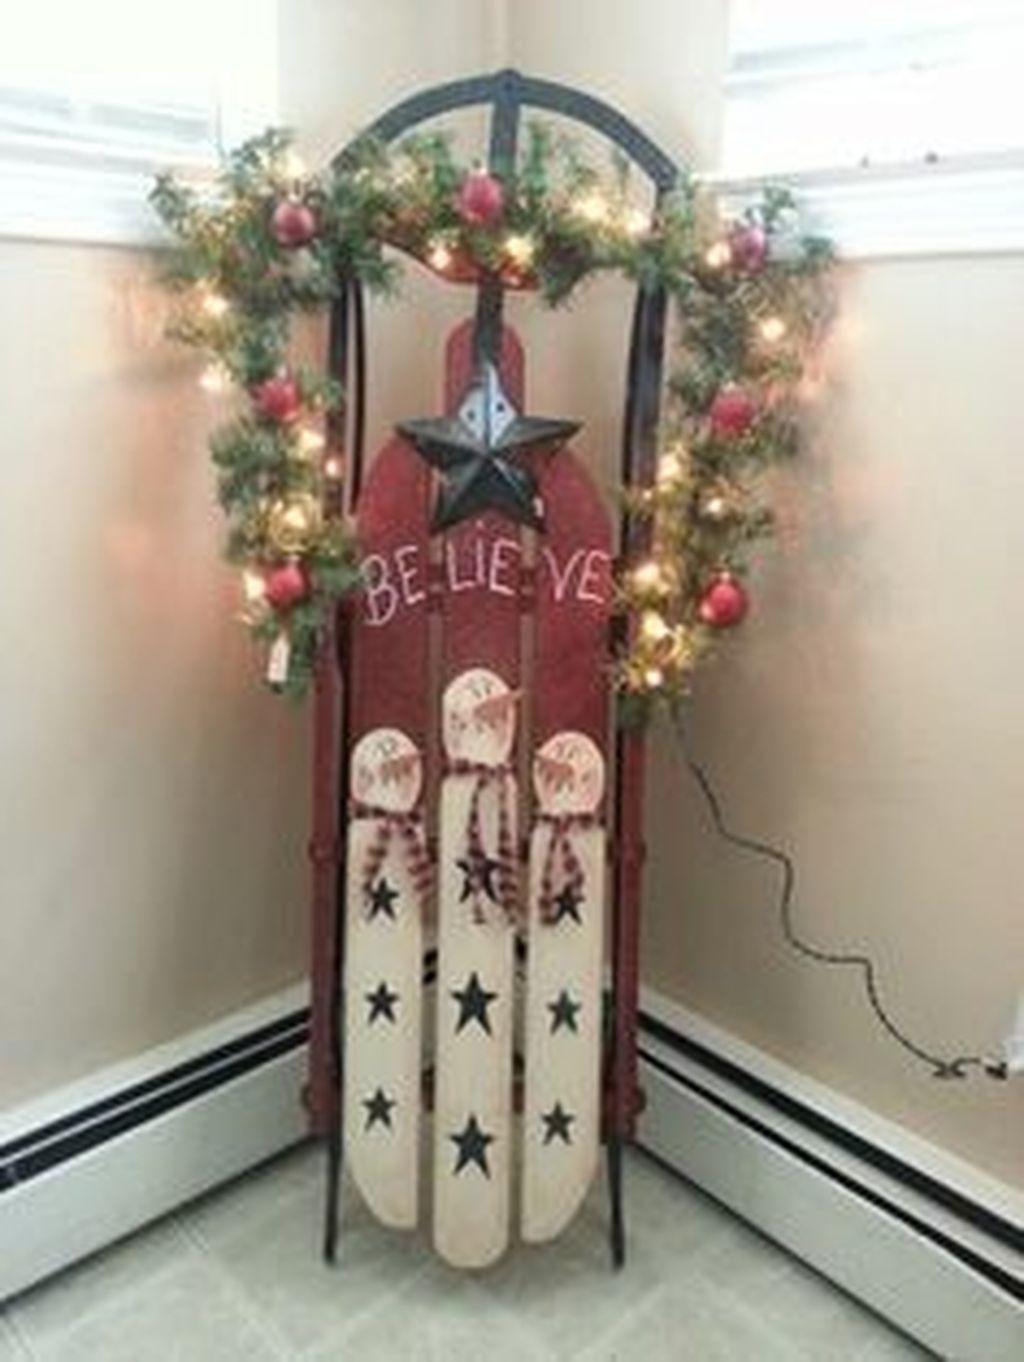 46 Unique Sleigh Decor Ideas For Christmas Fun Christmas Decorations Outdoor Christmas Decorations Christmas Decorations To Make